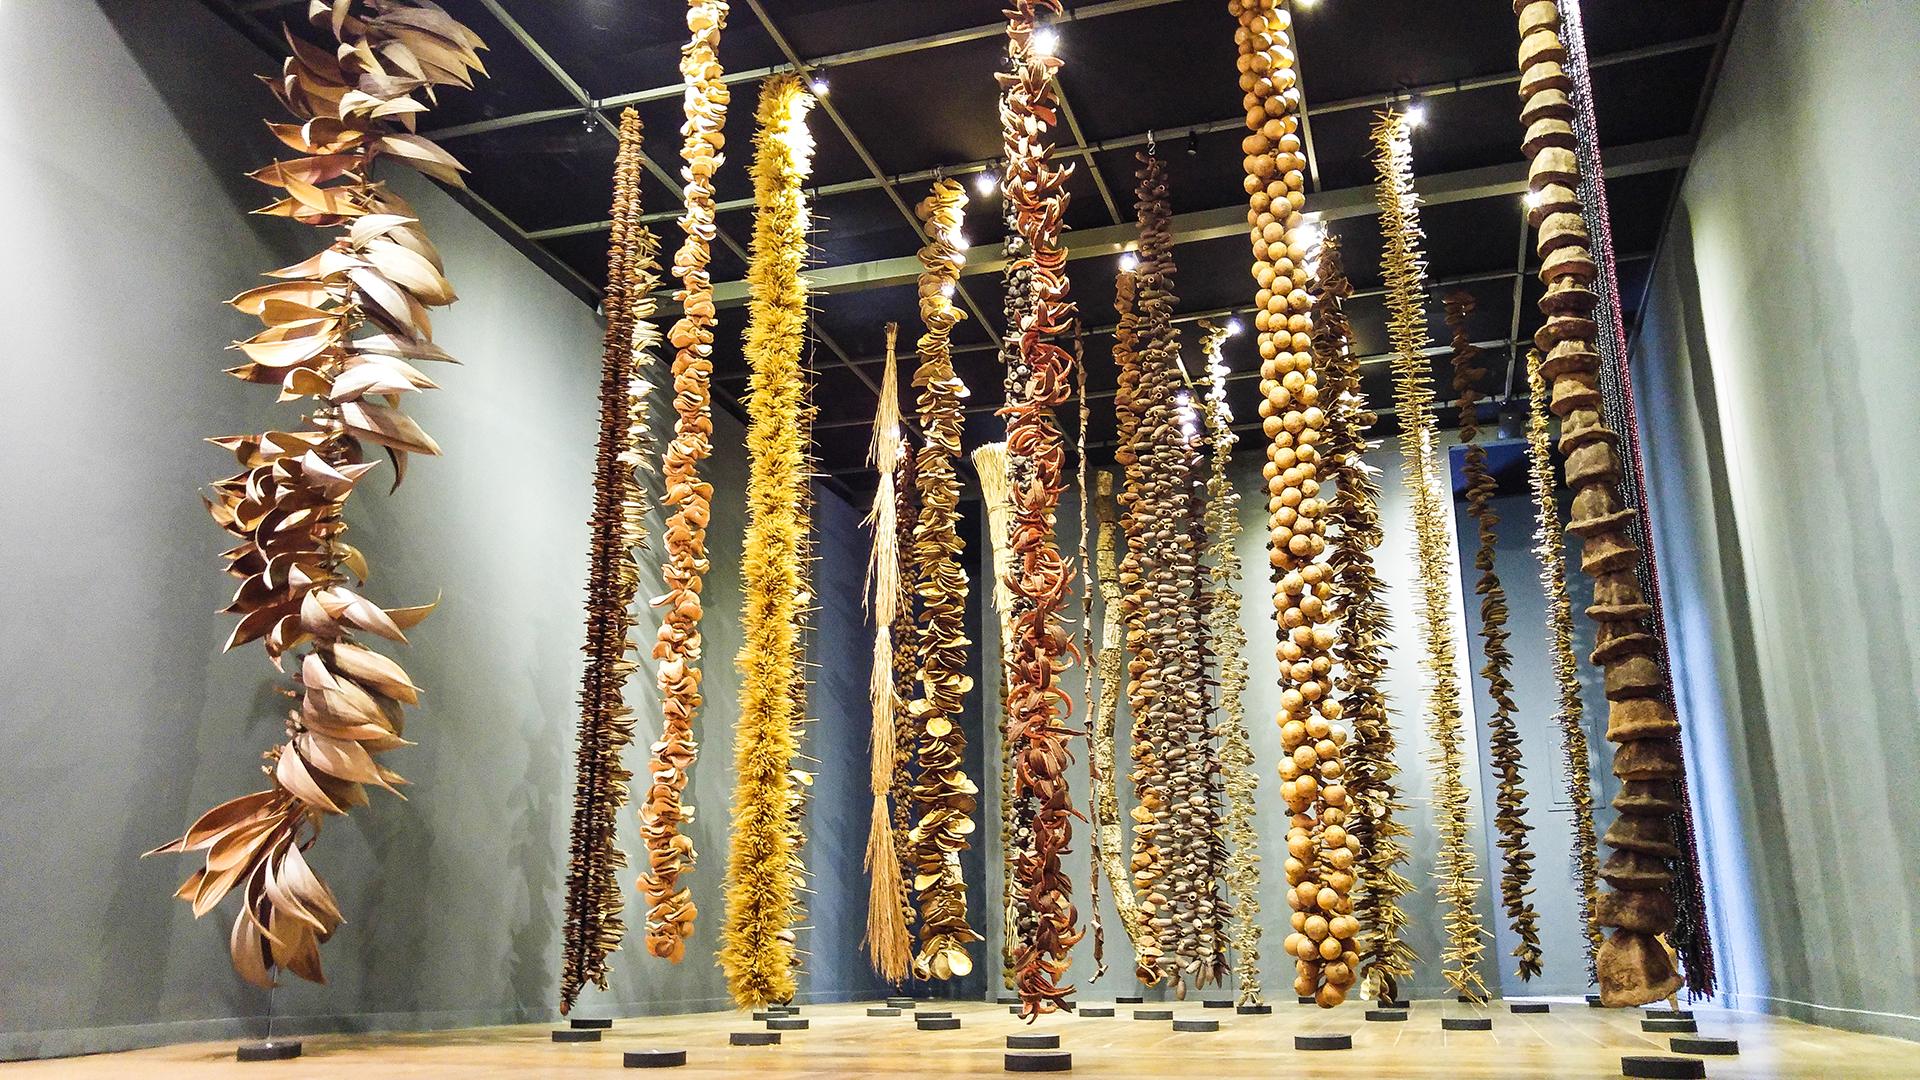 Crab - Exposição no centro Sebrae de referência do artesanato brasileiro